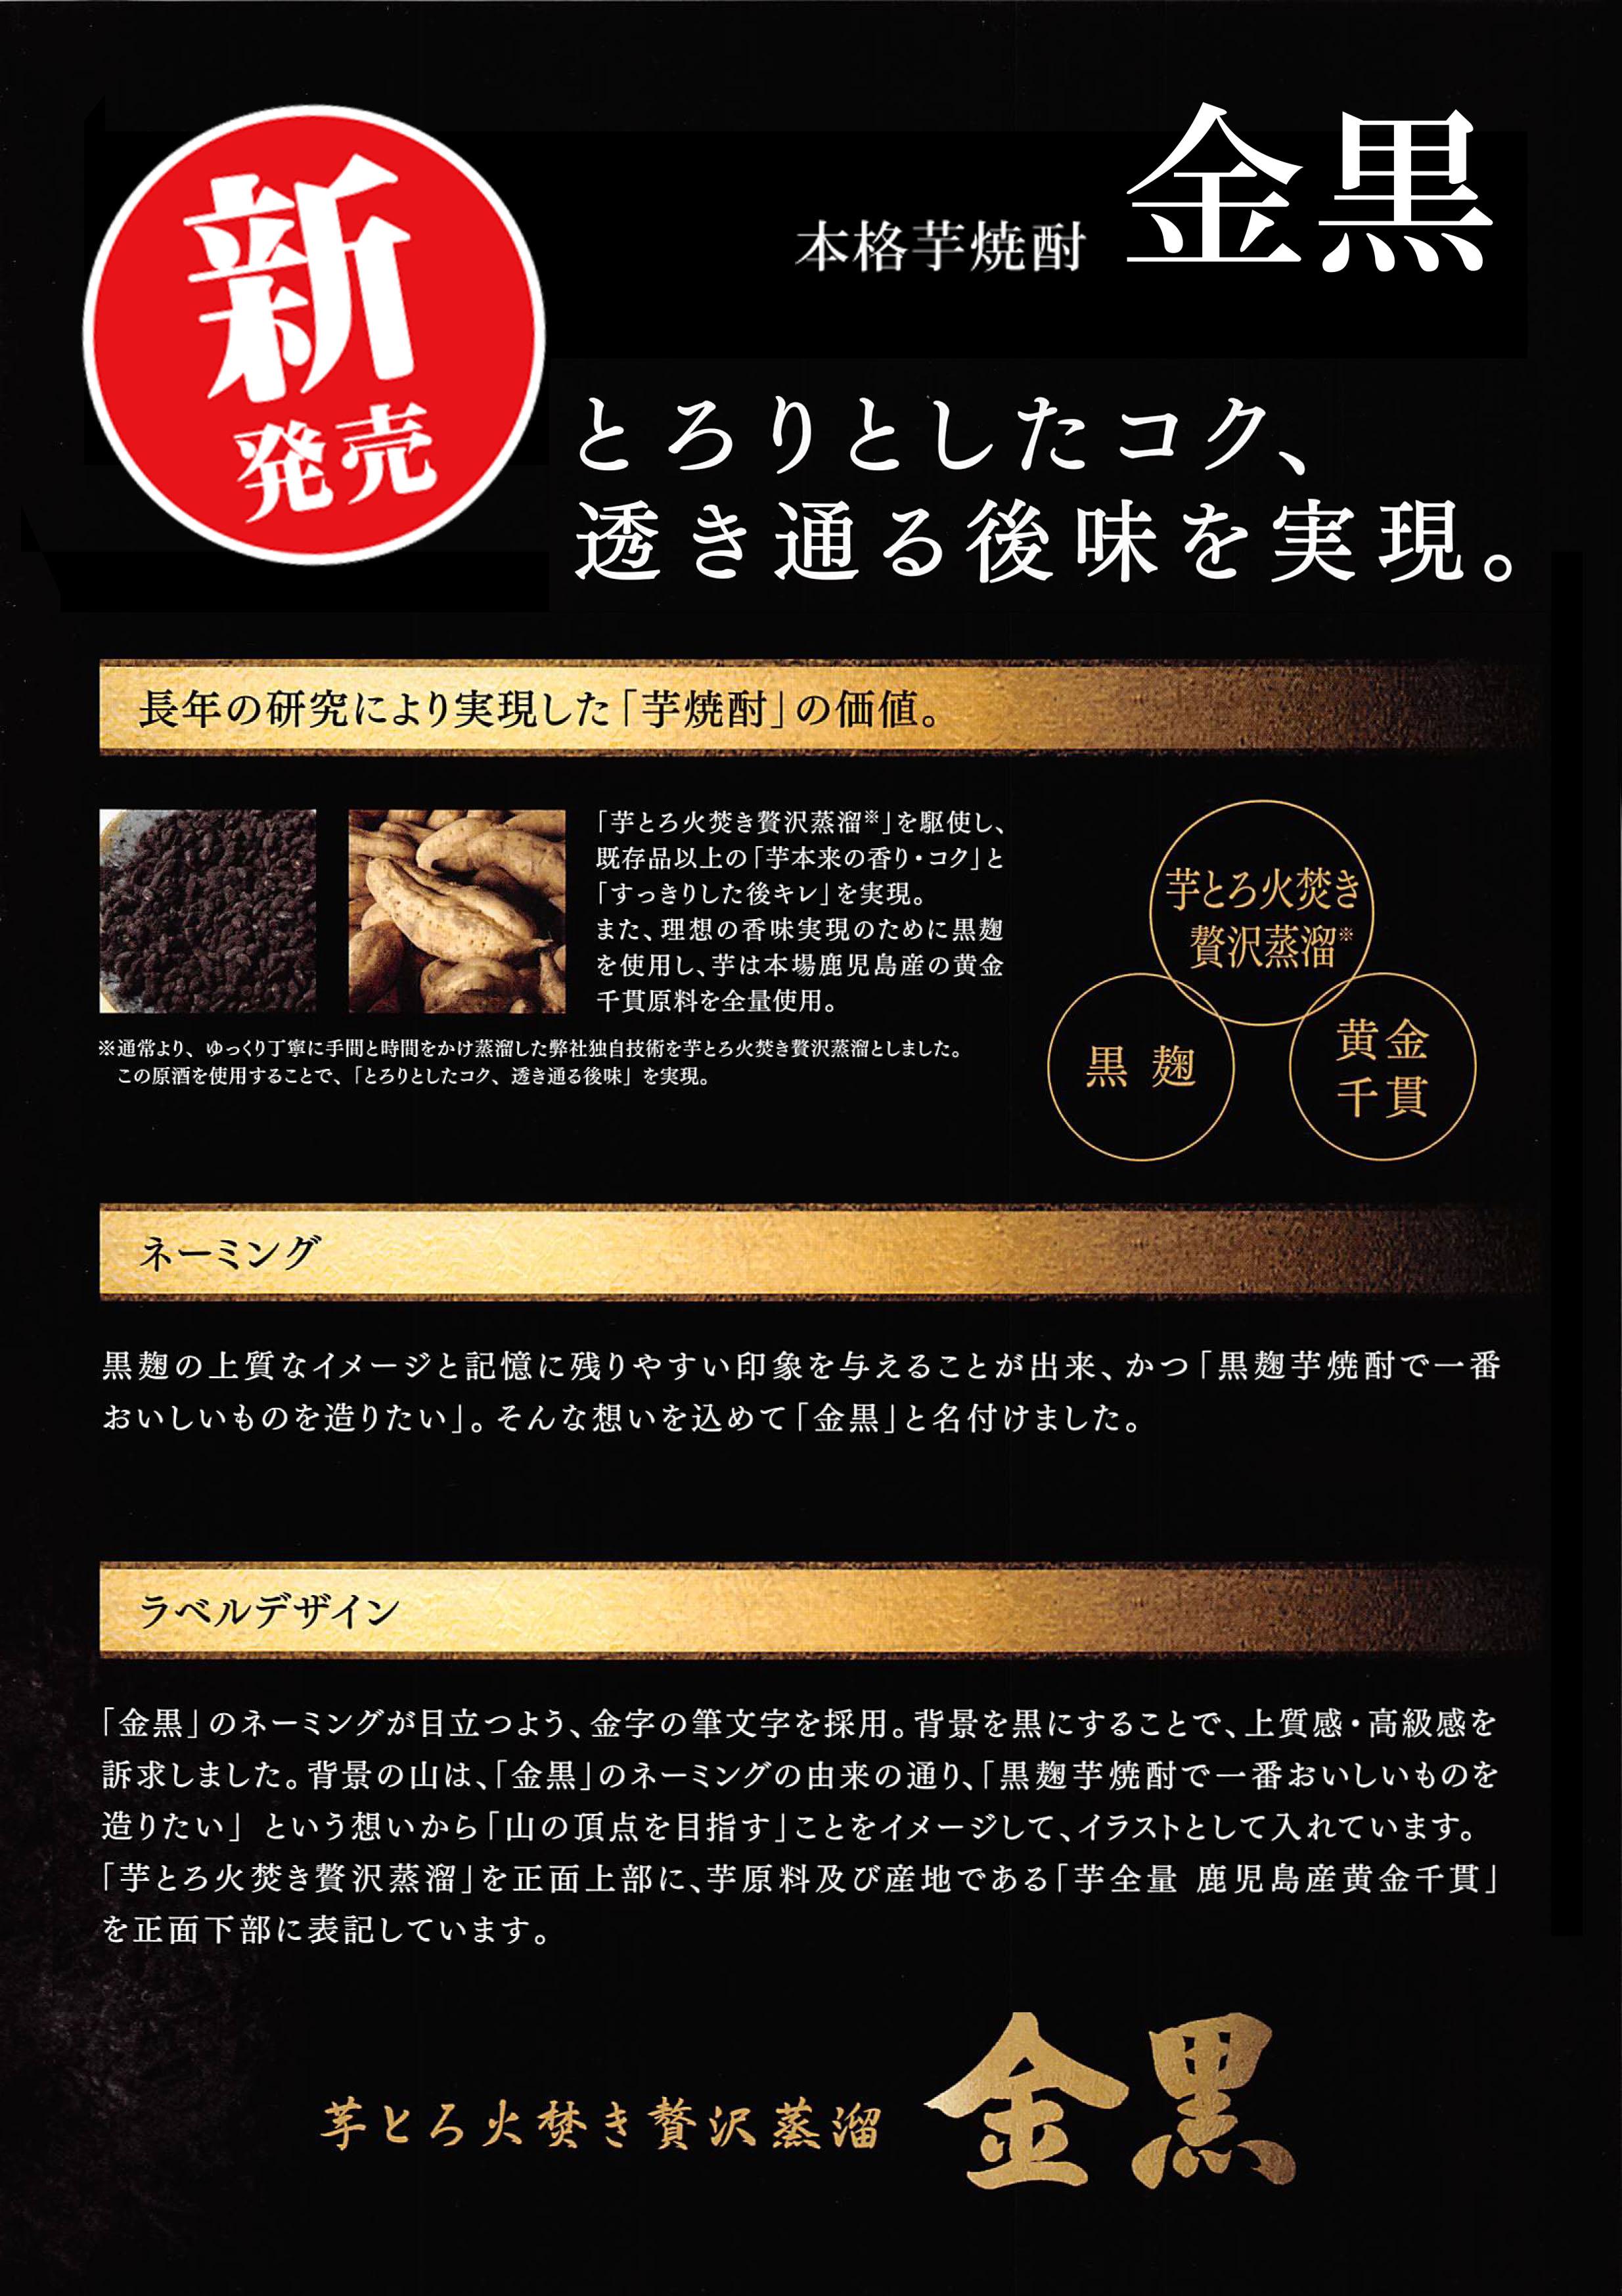 新発売 本格芋焼酎「金黒」新発売